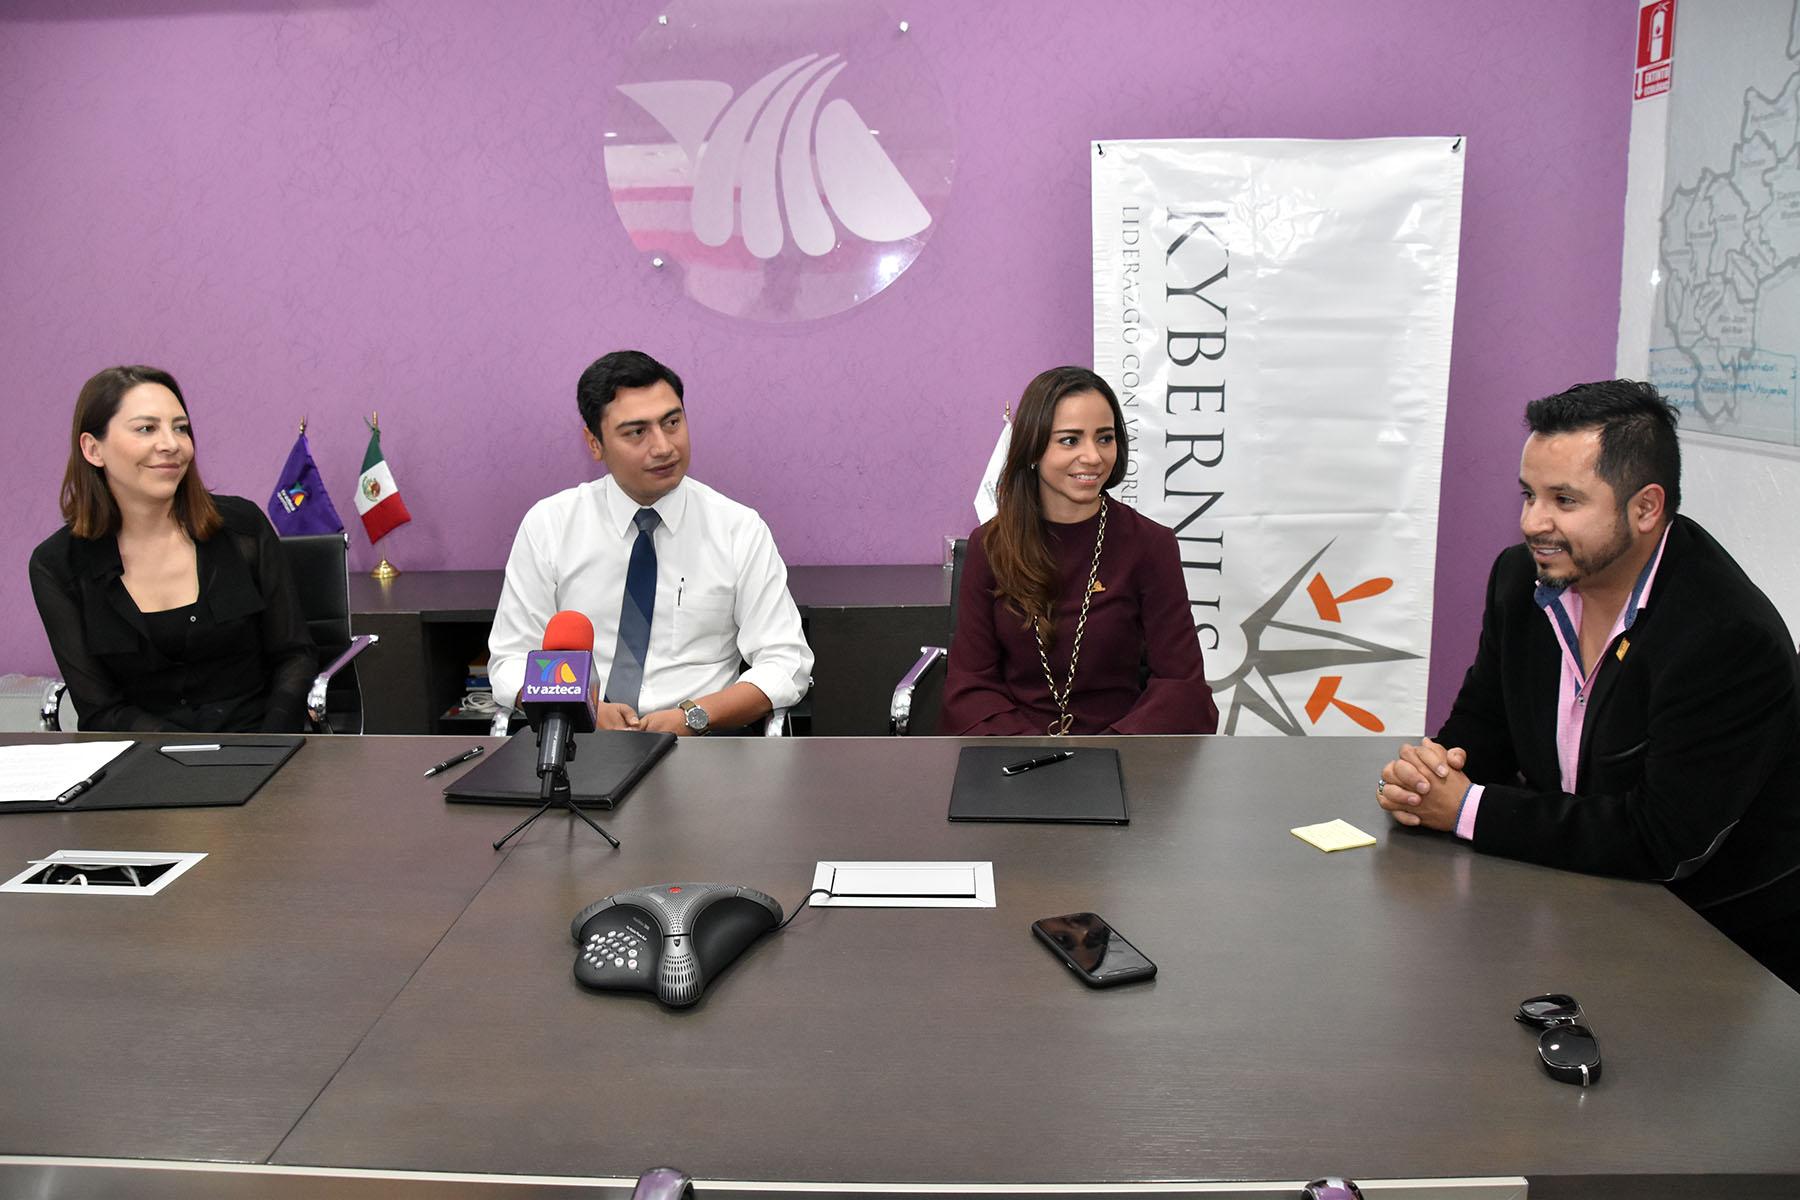 Coparmex y Kybernus firman convenio de colaboración